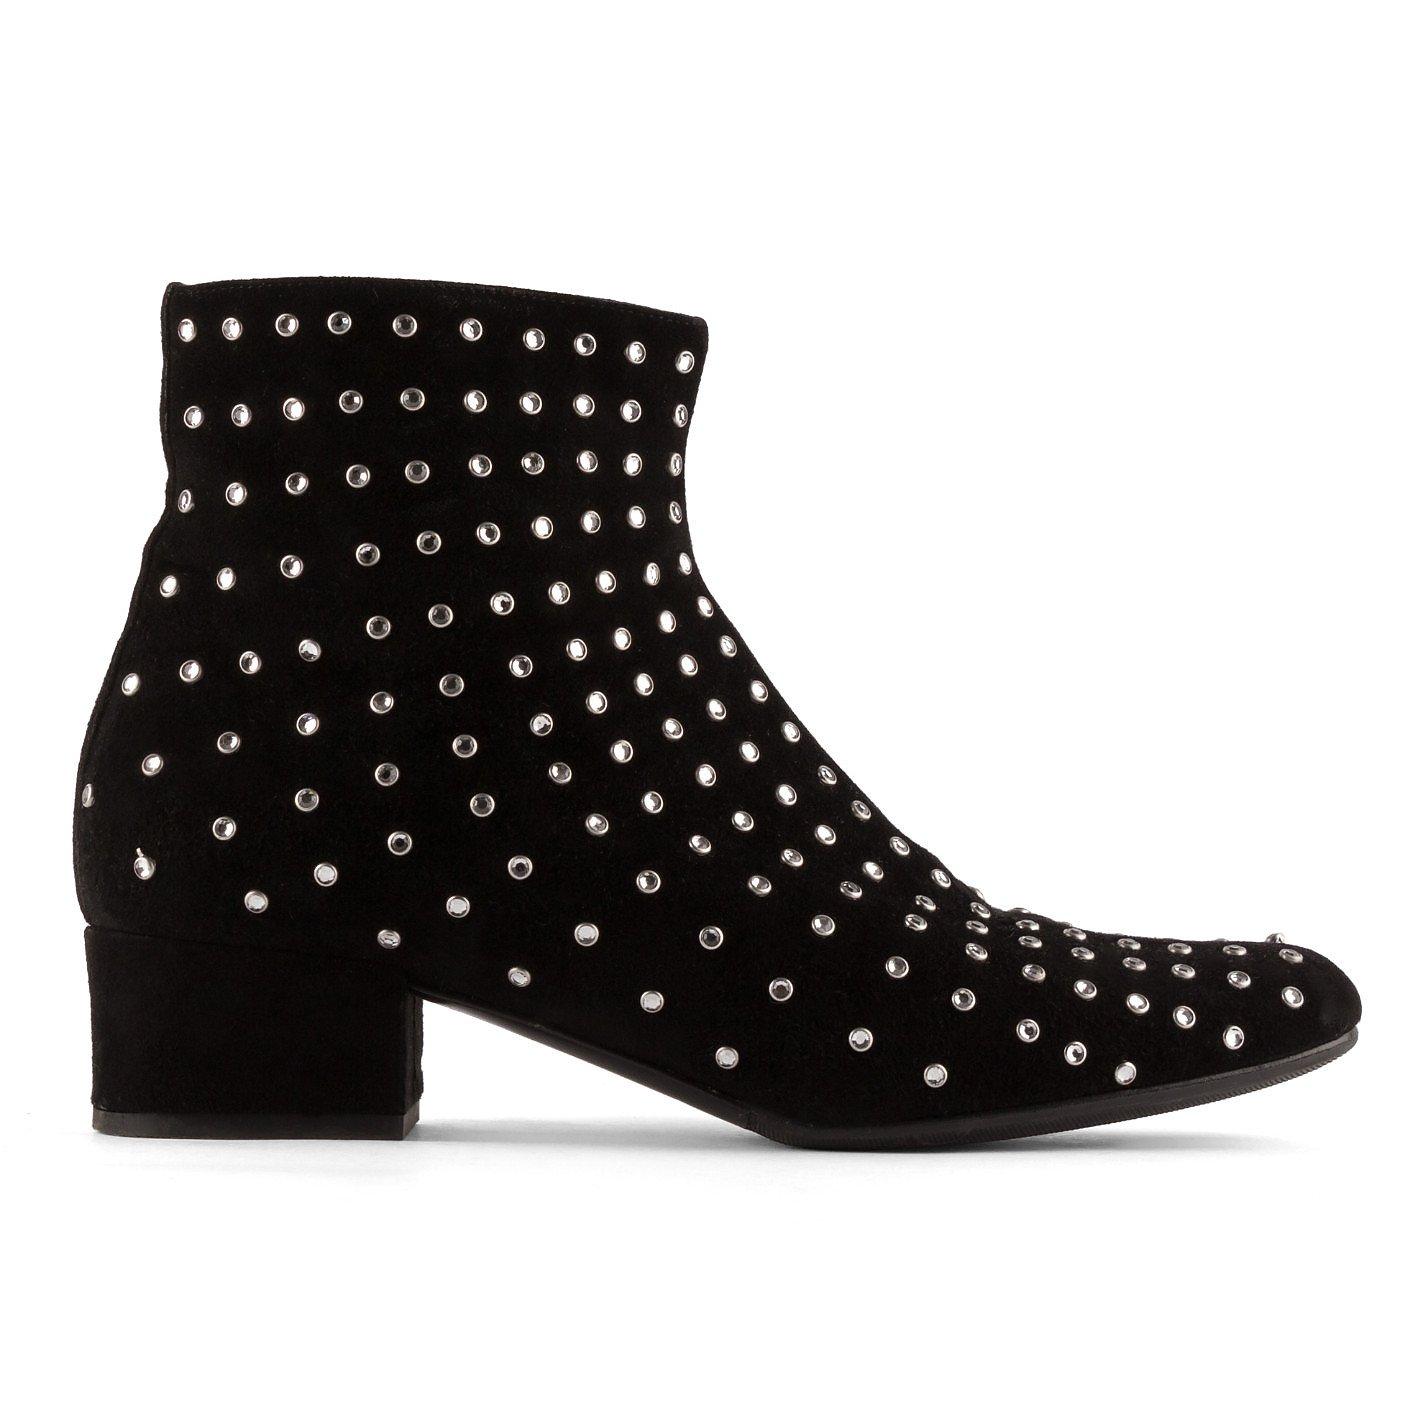 Saint Laurent Crystal Embellished Suede Ankle Boot